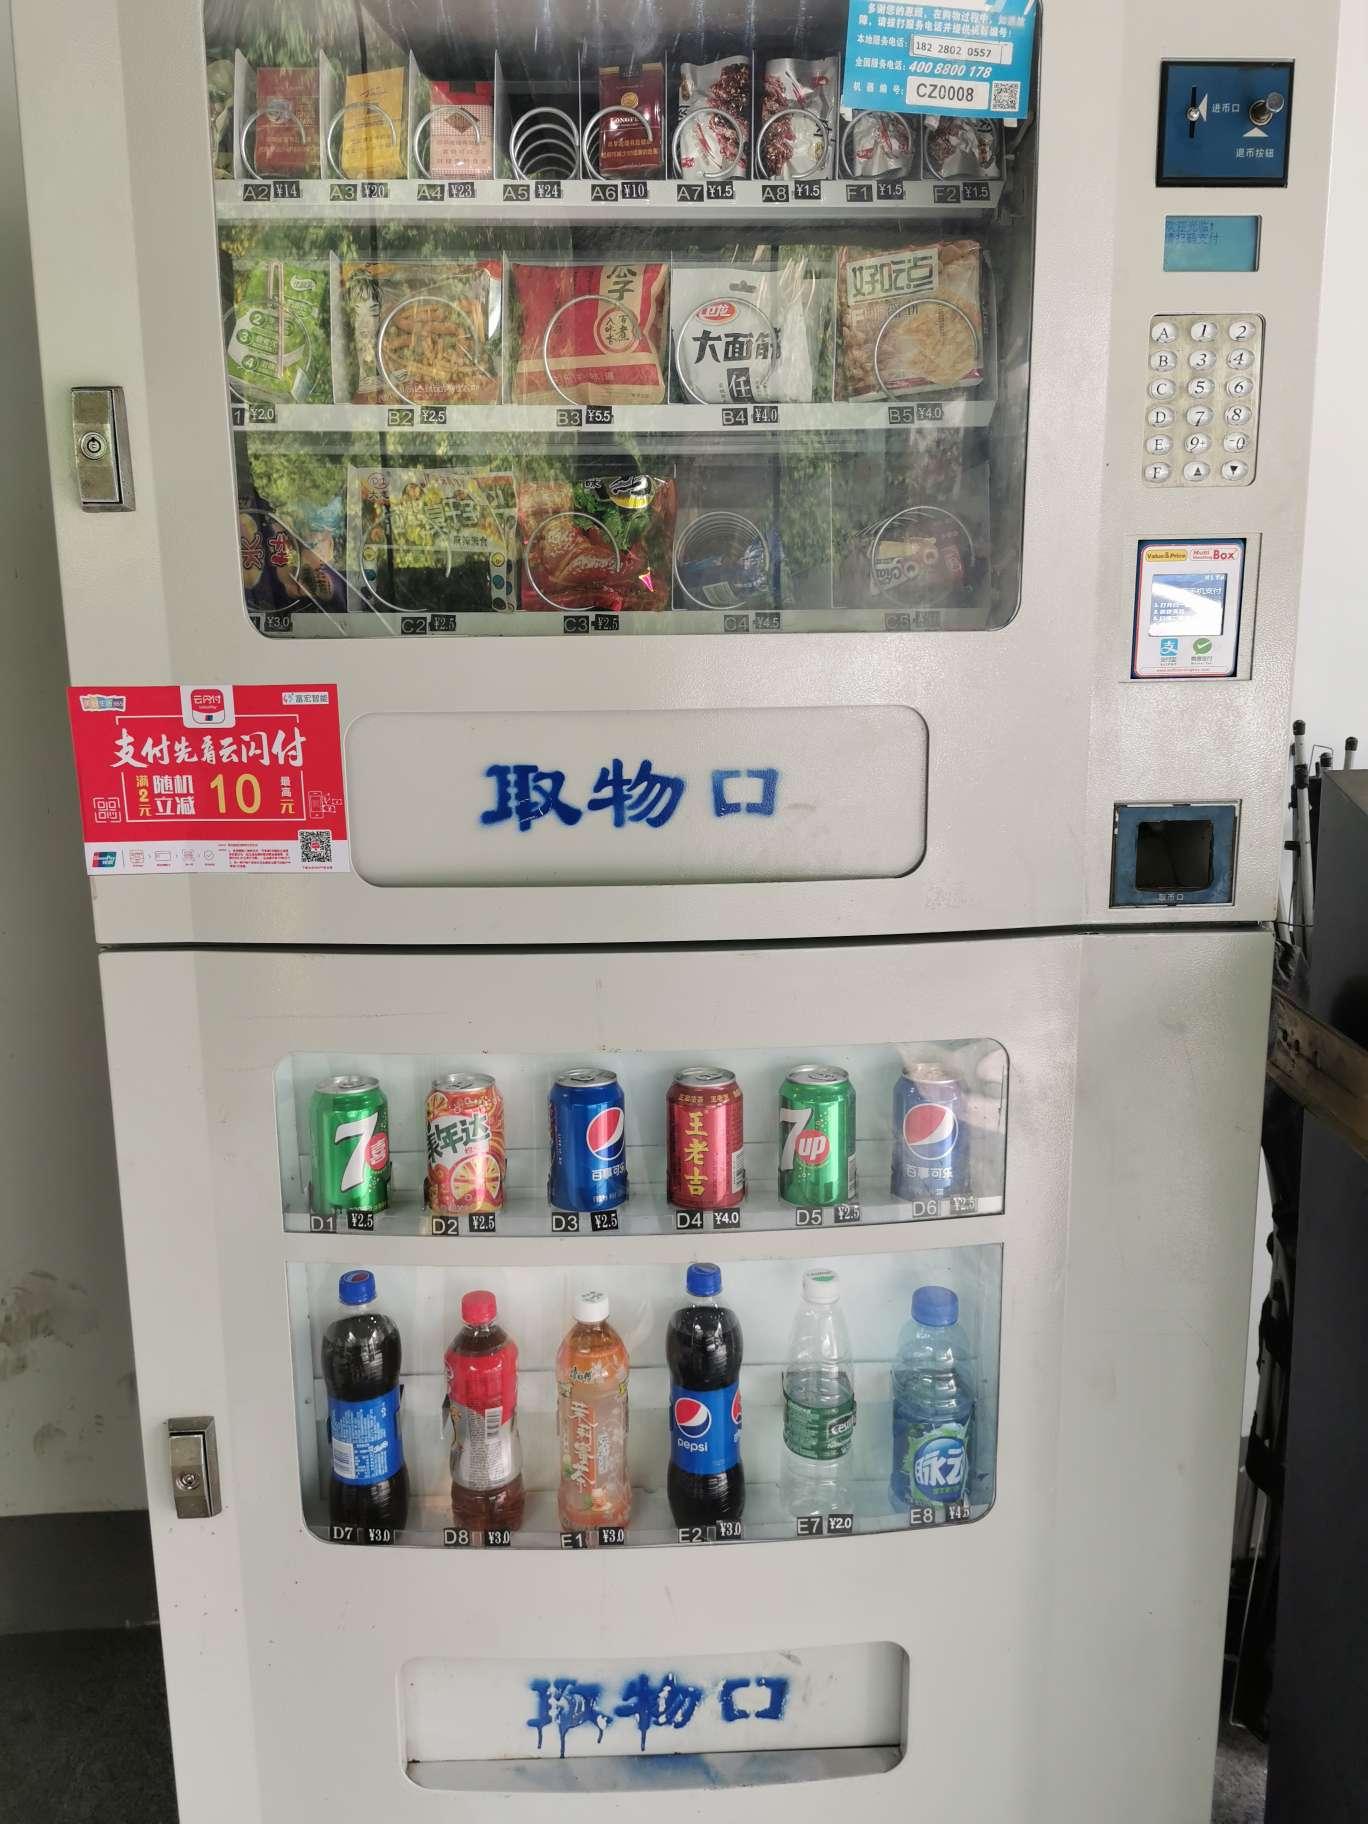 自助售货机,自动售货机,富宏智能售货机,自动售卖机,自助售卖机,自动贩卖机